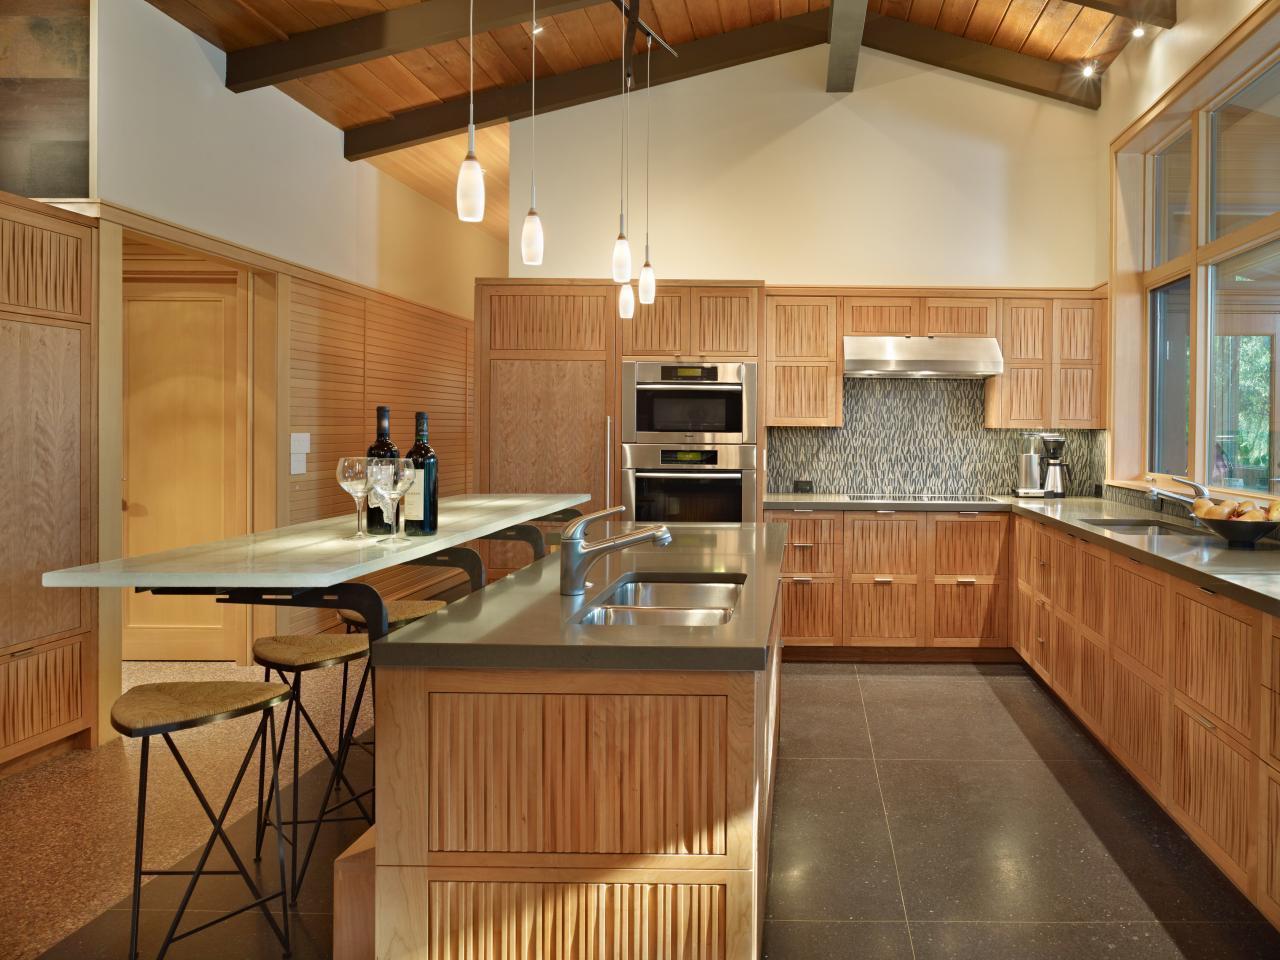 Кухонный гарнитур с барной стойкой в интерьере загородного дома